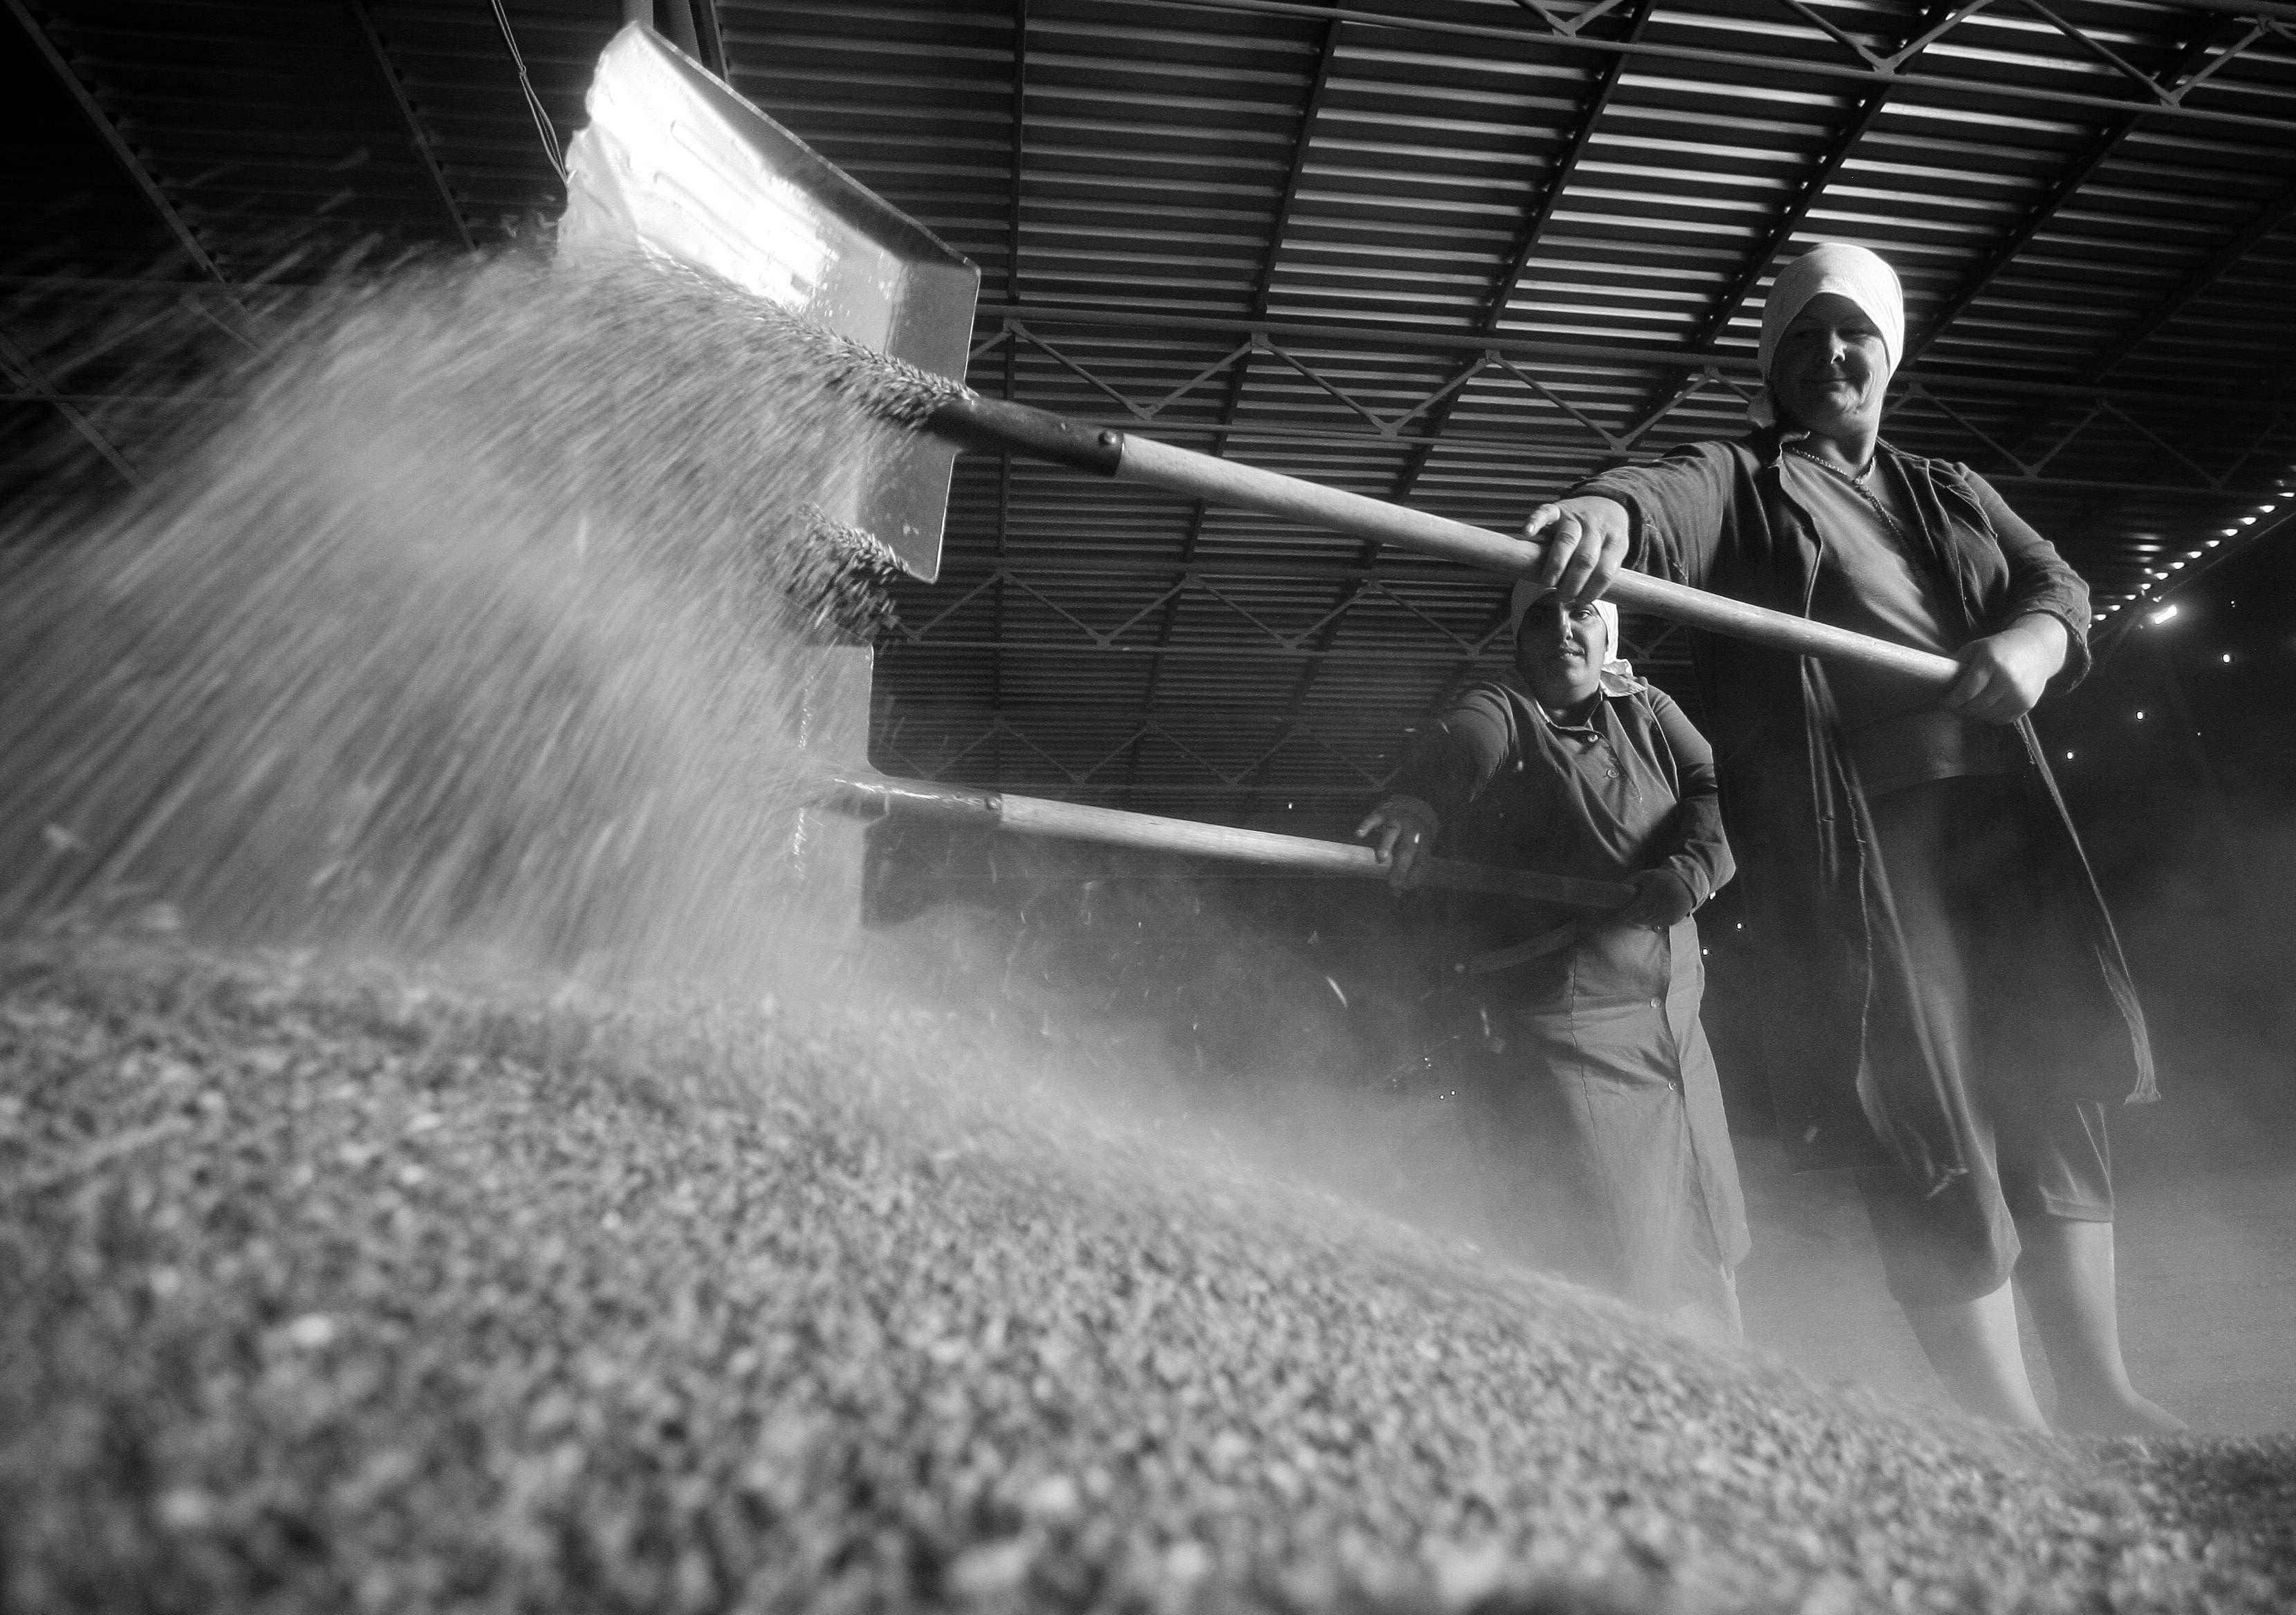 俄罗斯限制疫情期间谷物出口 以维持国内粮价稳定